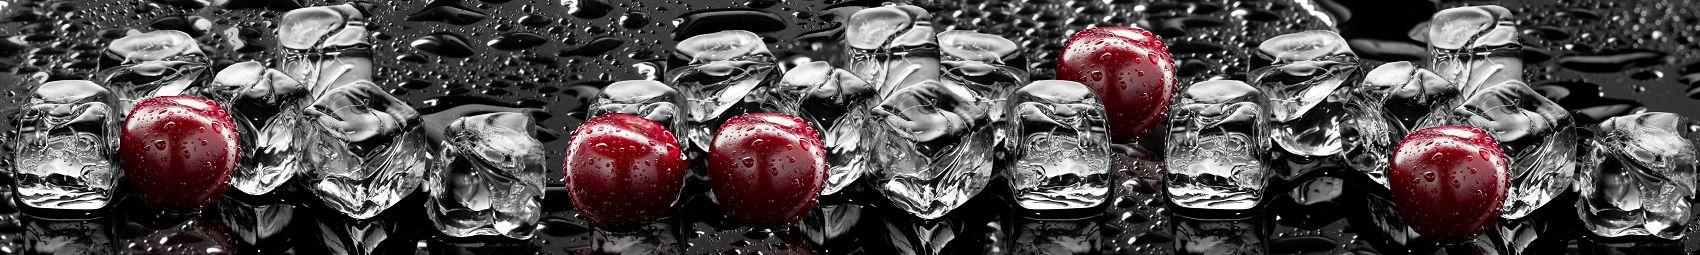 Фартук для кухни вишня со льдом